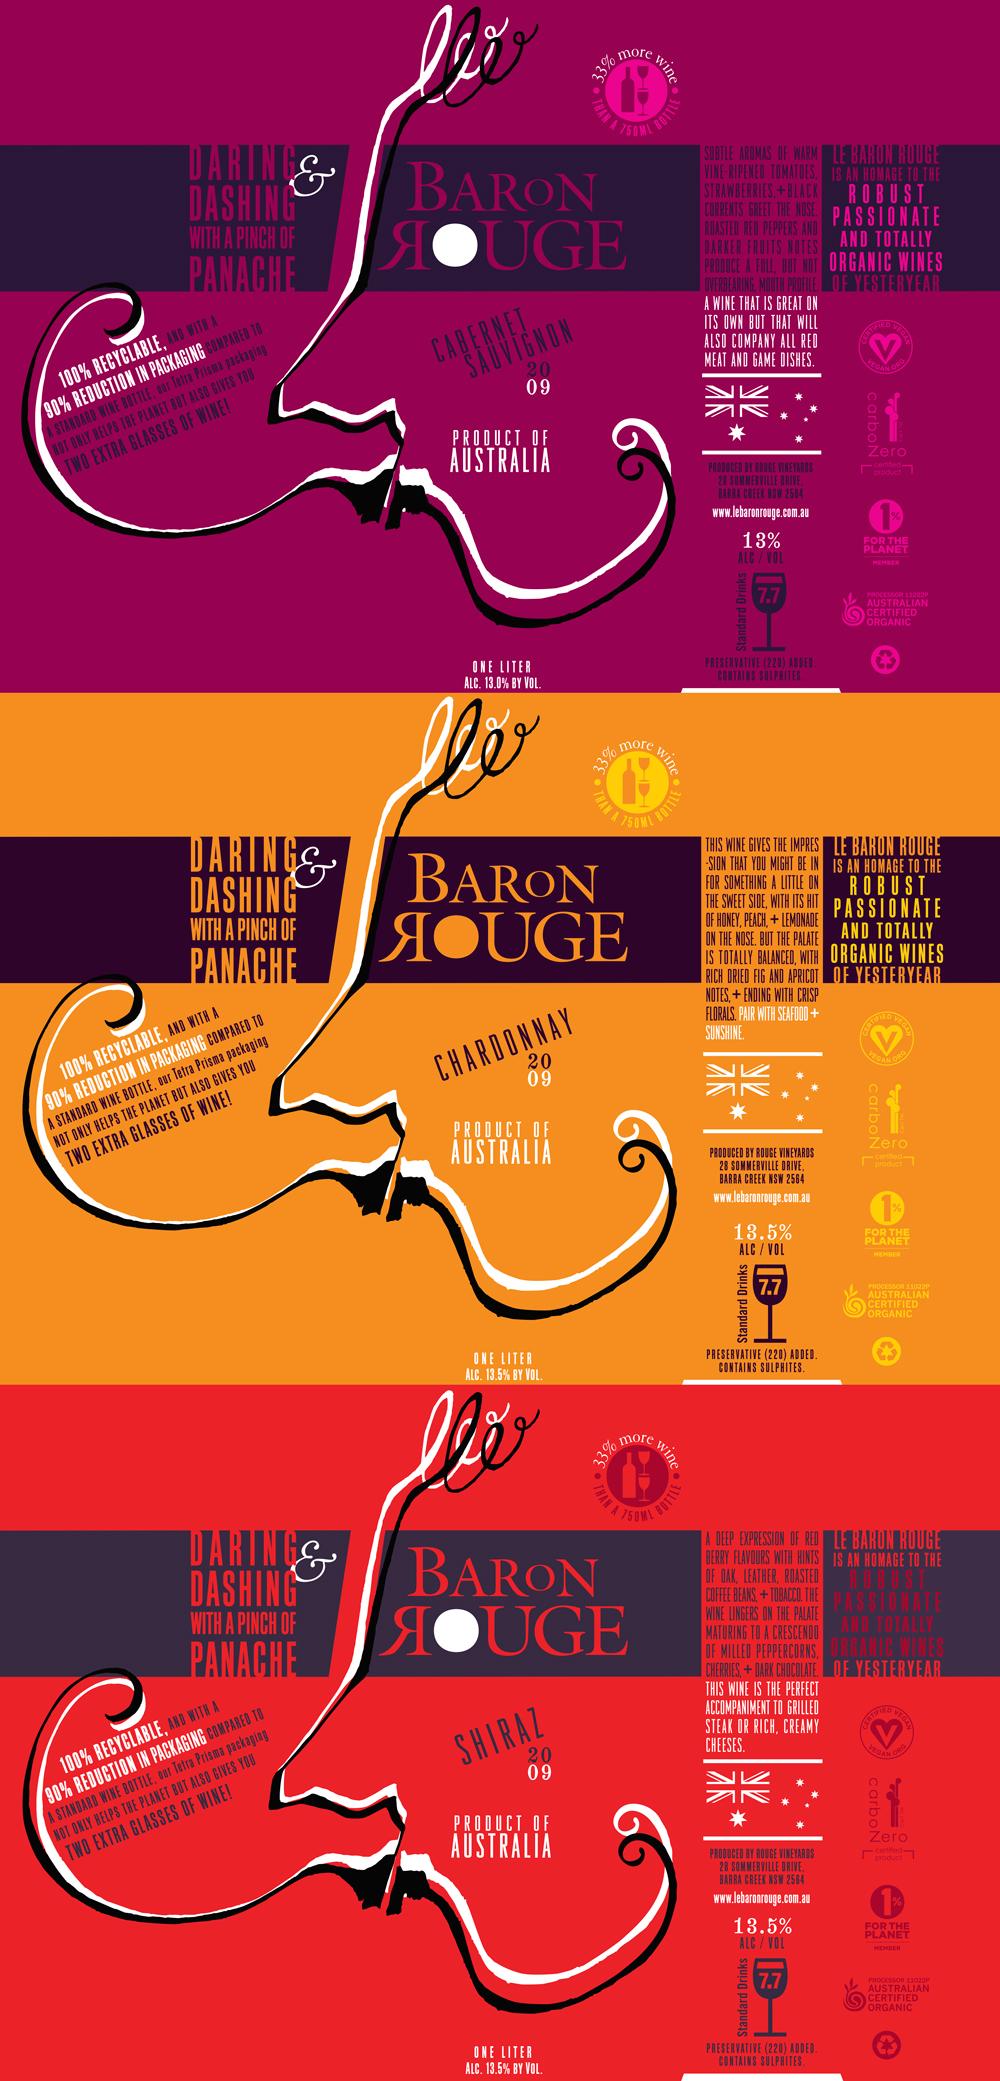 BaronRouge-COPYCLOSEUP_1000